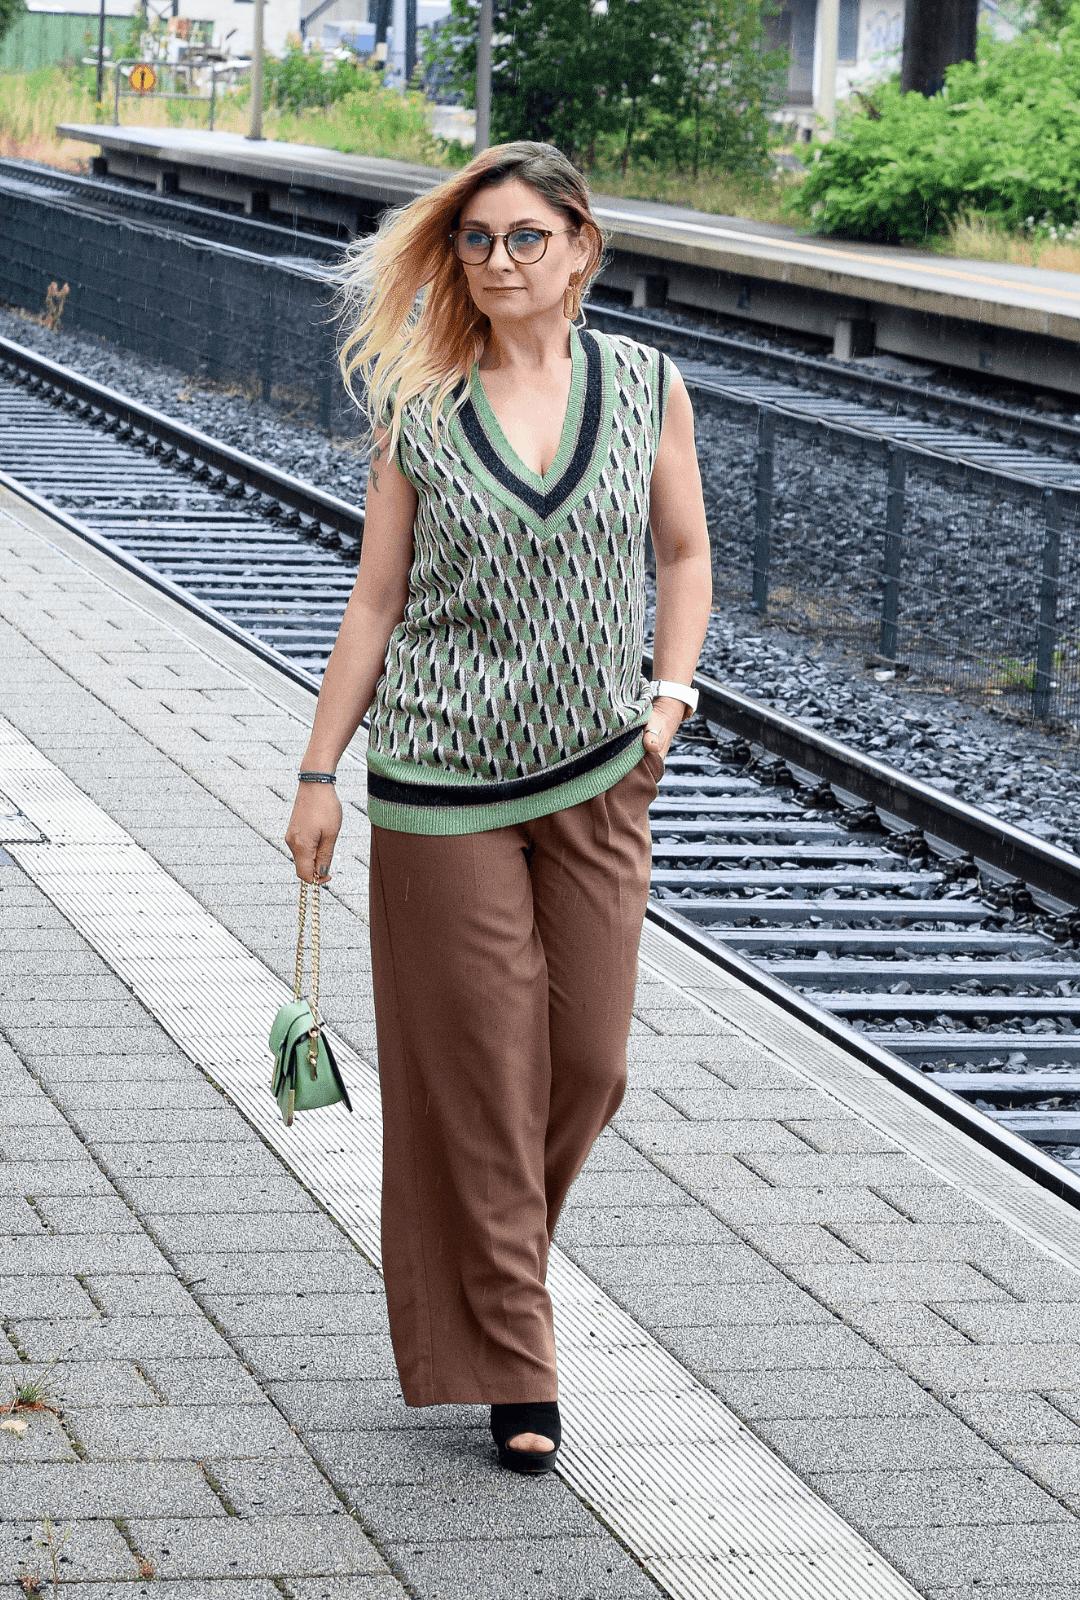 Braun Kombinieren So Schon Stylst Du Ein Outfit Mit Braun Die Edelfabrik Der U40 Blog Fur Mode Beauty Reise Und Lifestyle Fur Frauen Ab 30 Und Ab 40